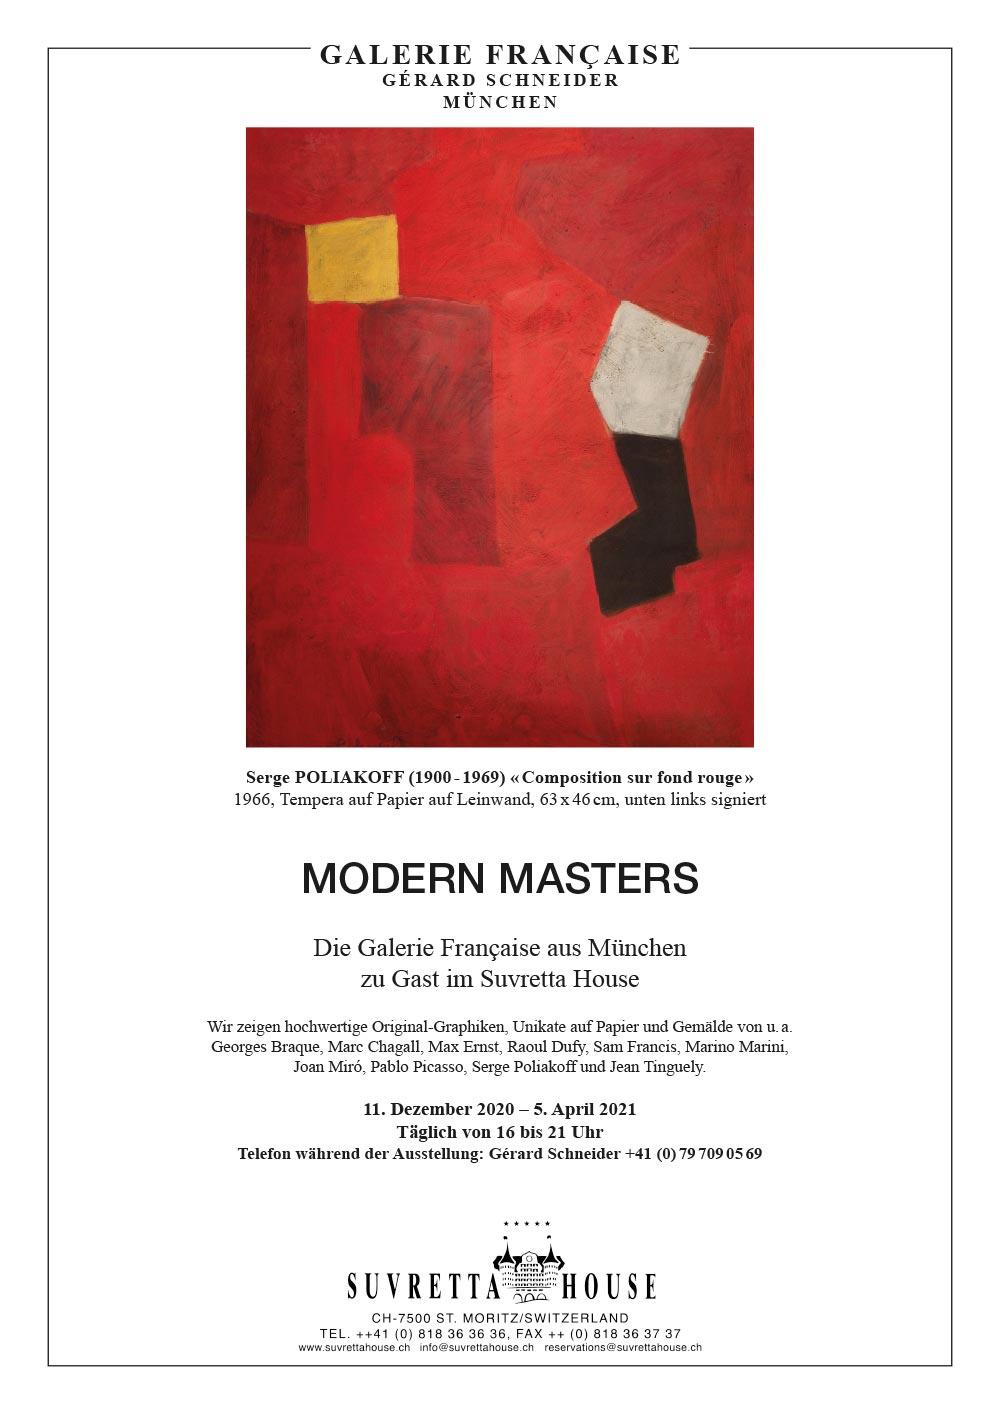 Ausstellungen Modern Masters Suvretta House St. Moritz